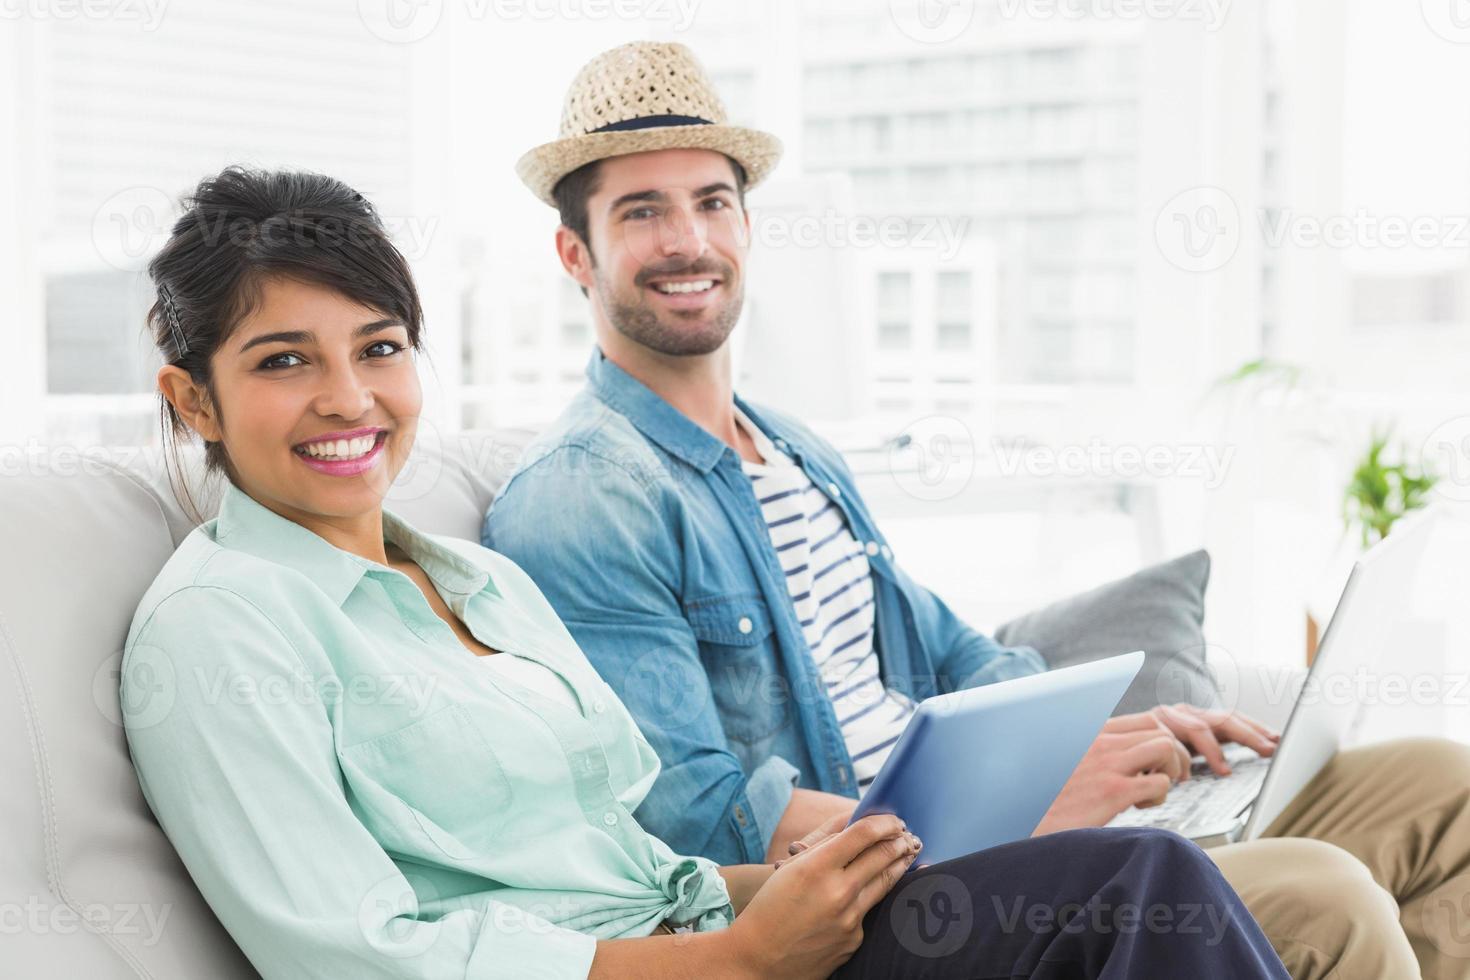 colegas de trabalho sorridentes usando tablet e laptop no sofá foto